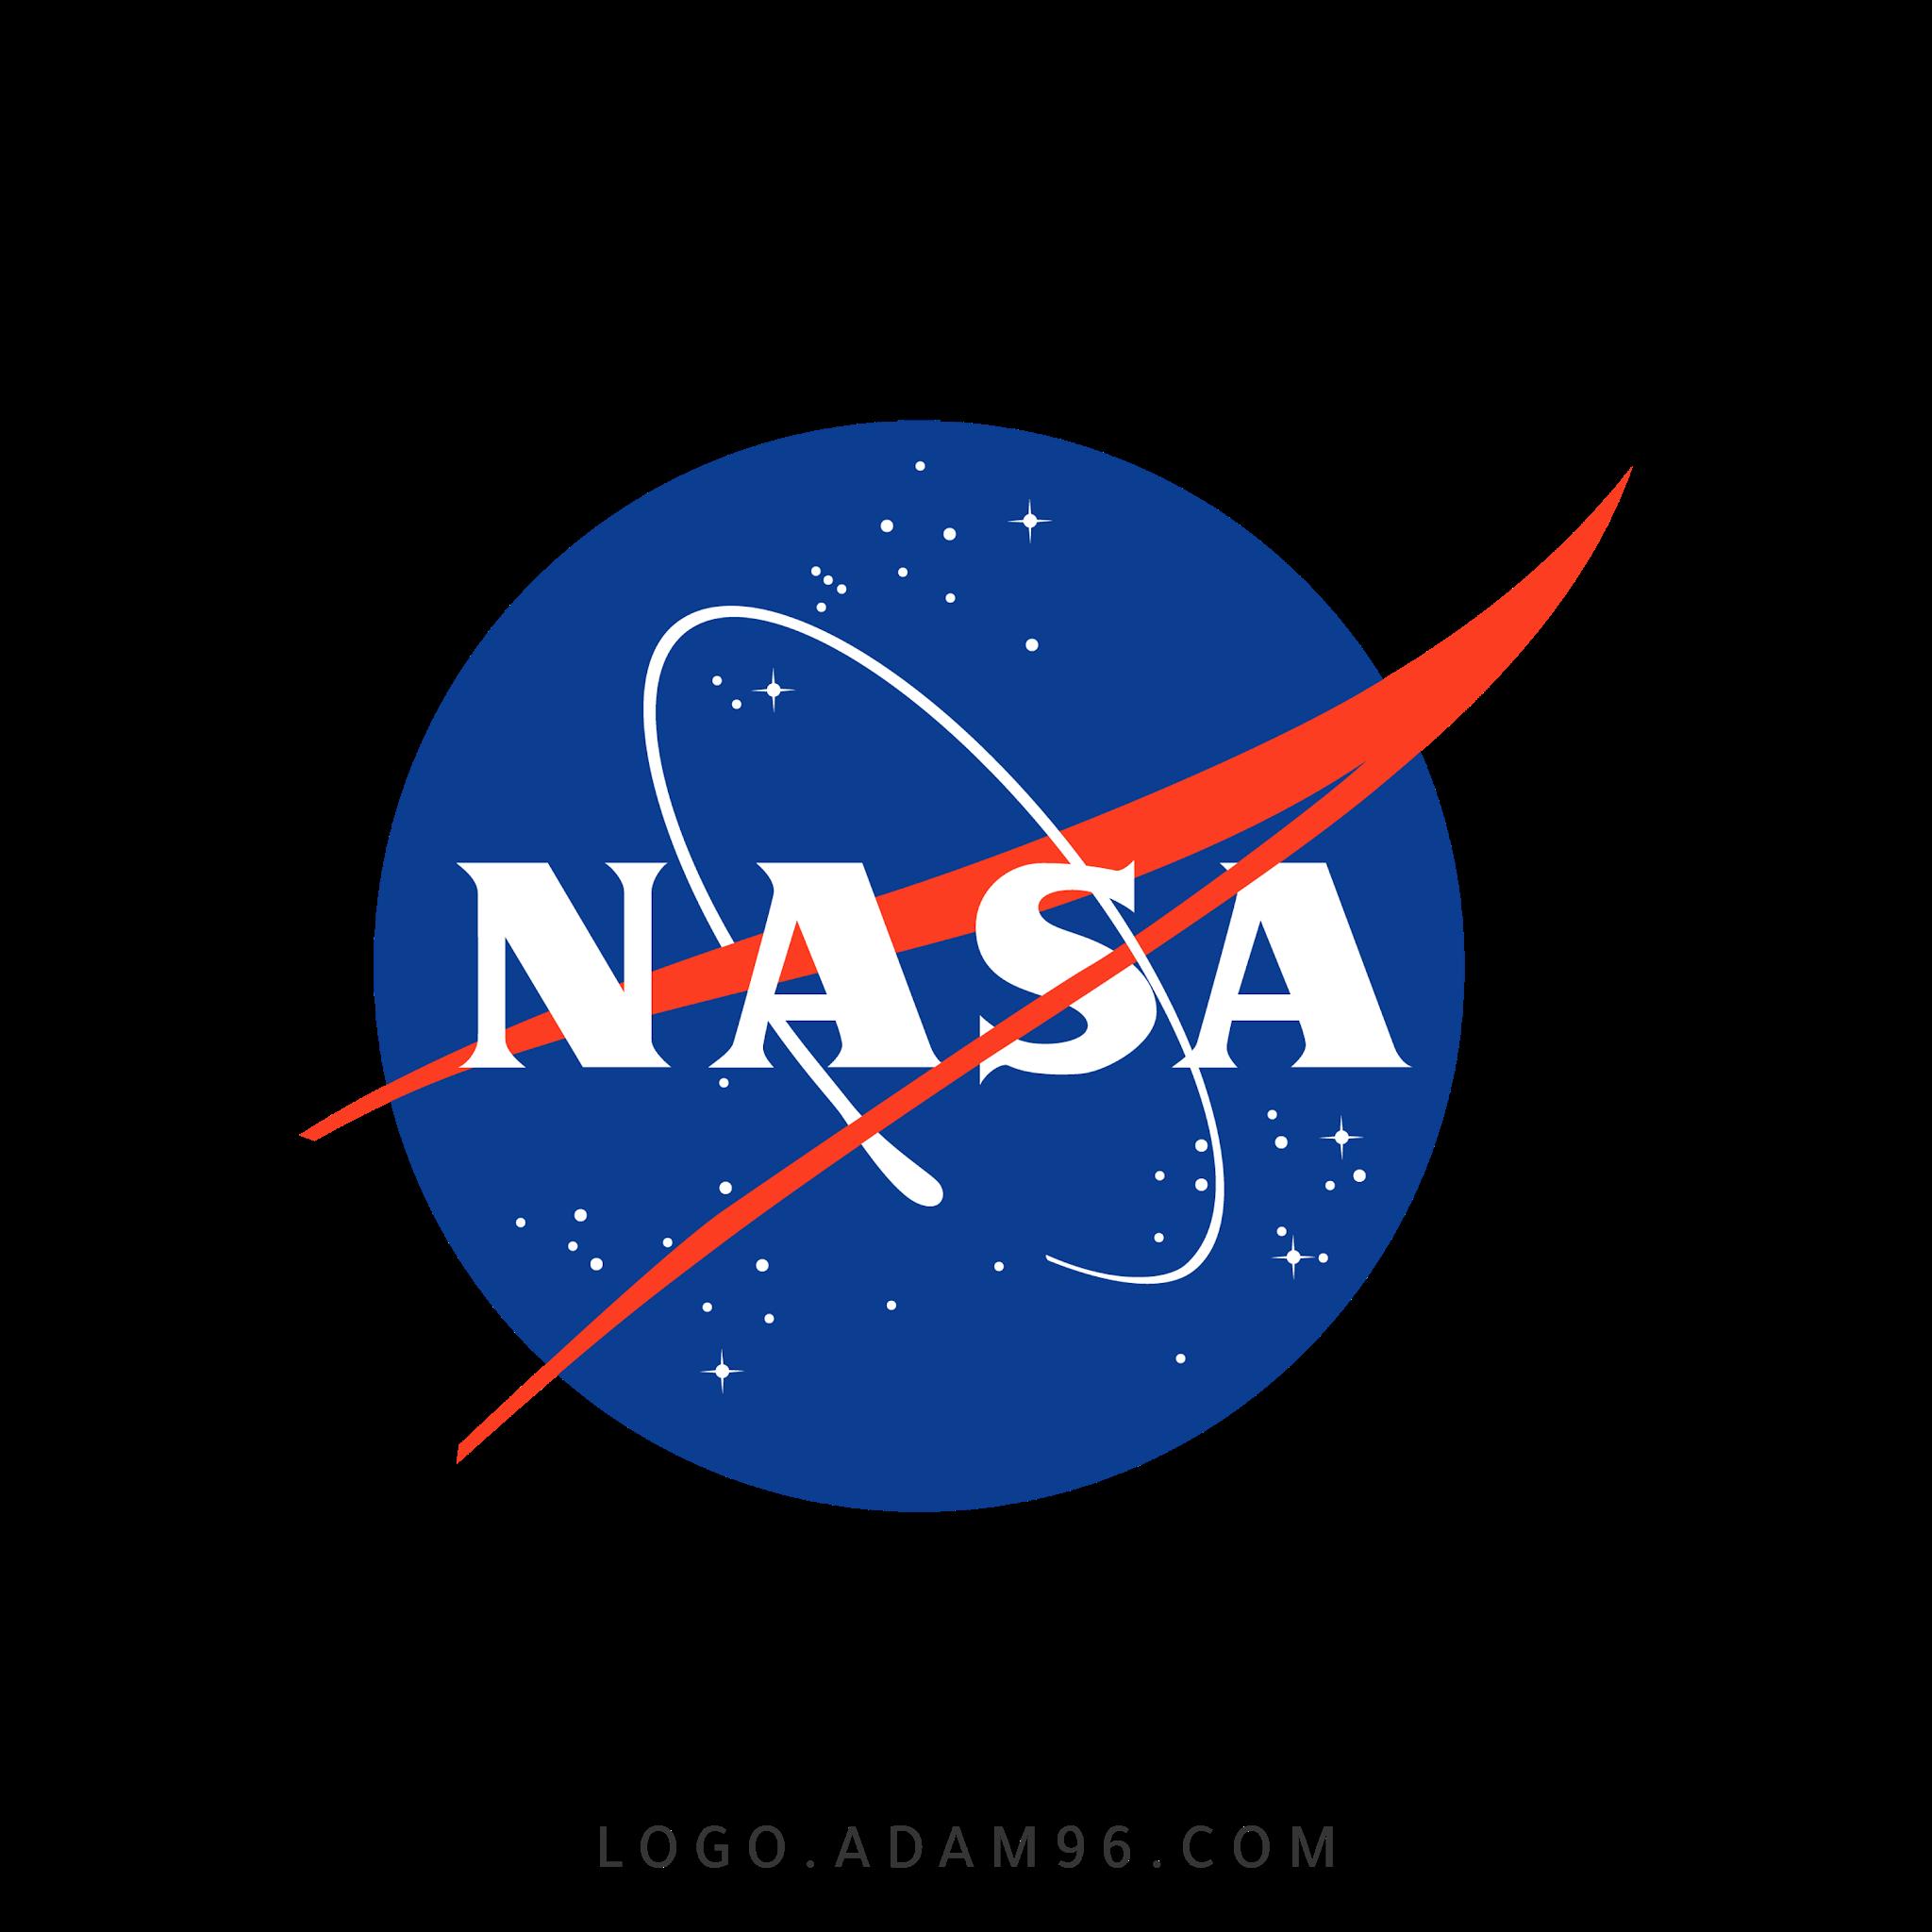 تحميل شعار وكالة الفضاء ناسا لوجو رسمي عالي الدقة بصيغة PNG